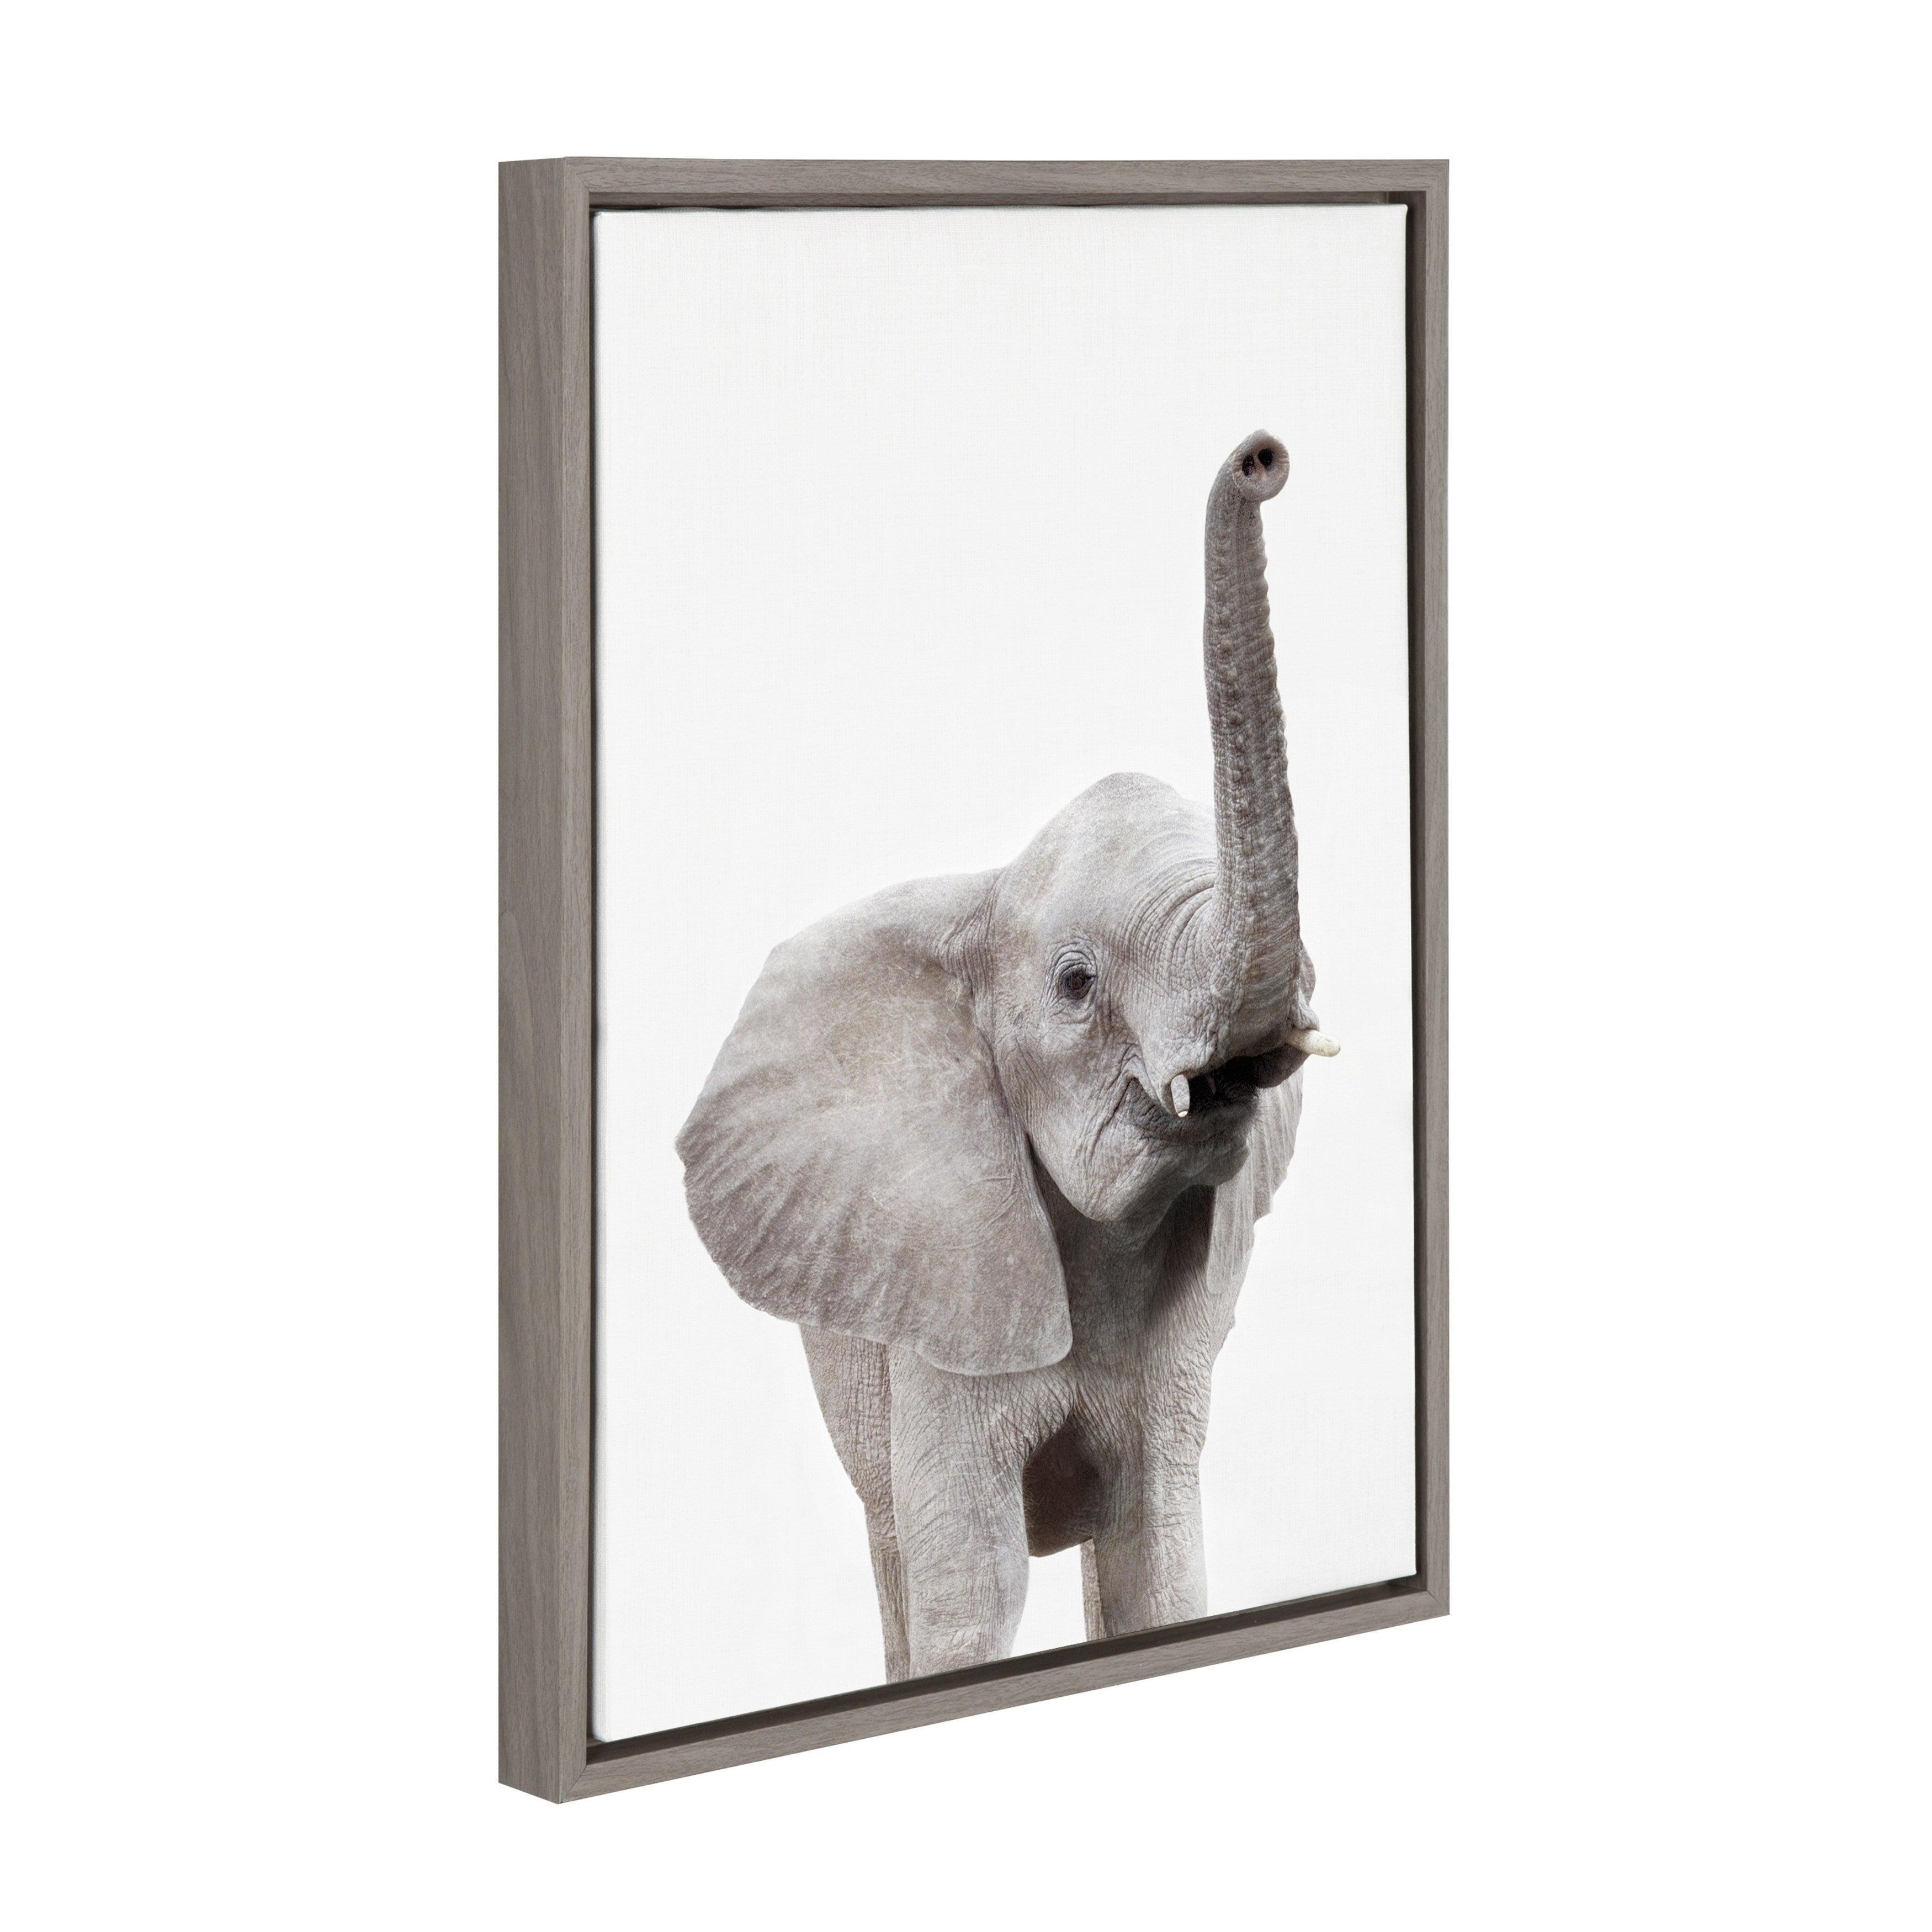 3500x3500 Shop Sylvie Elephant With Raised Trunk Animal Framed Canvas